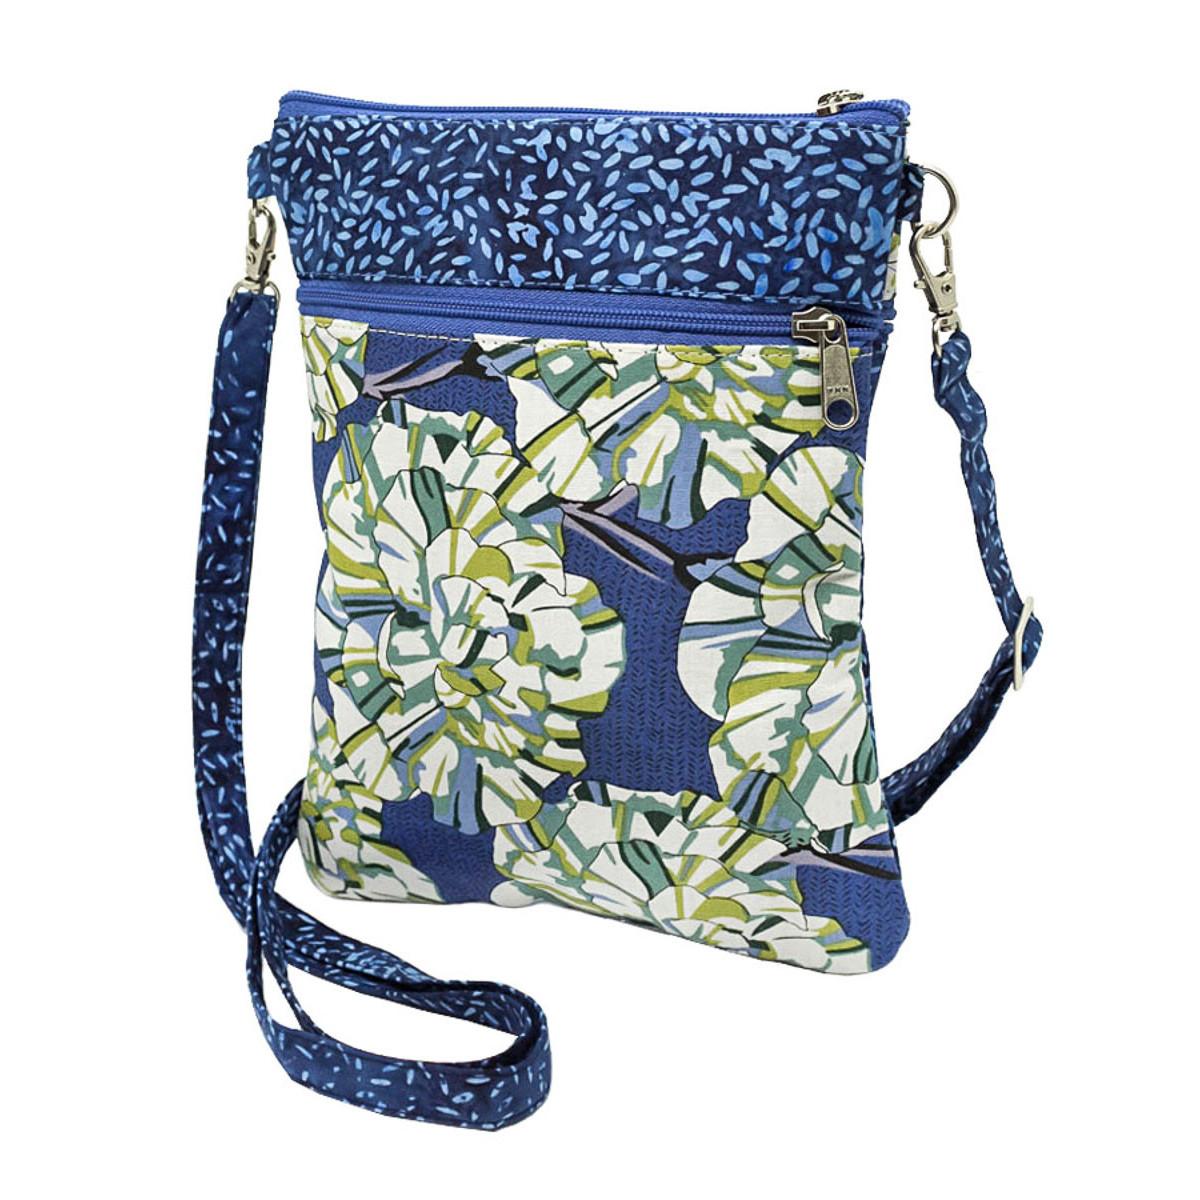 Pochette de voyage bandoulière tissu bleu et vert à fleurs